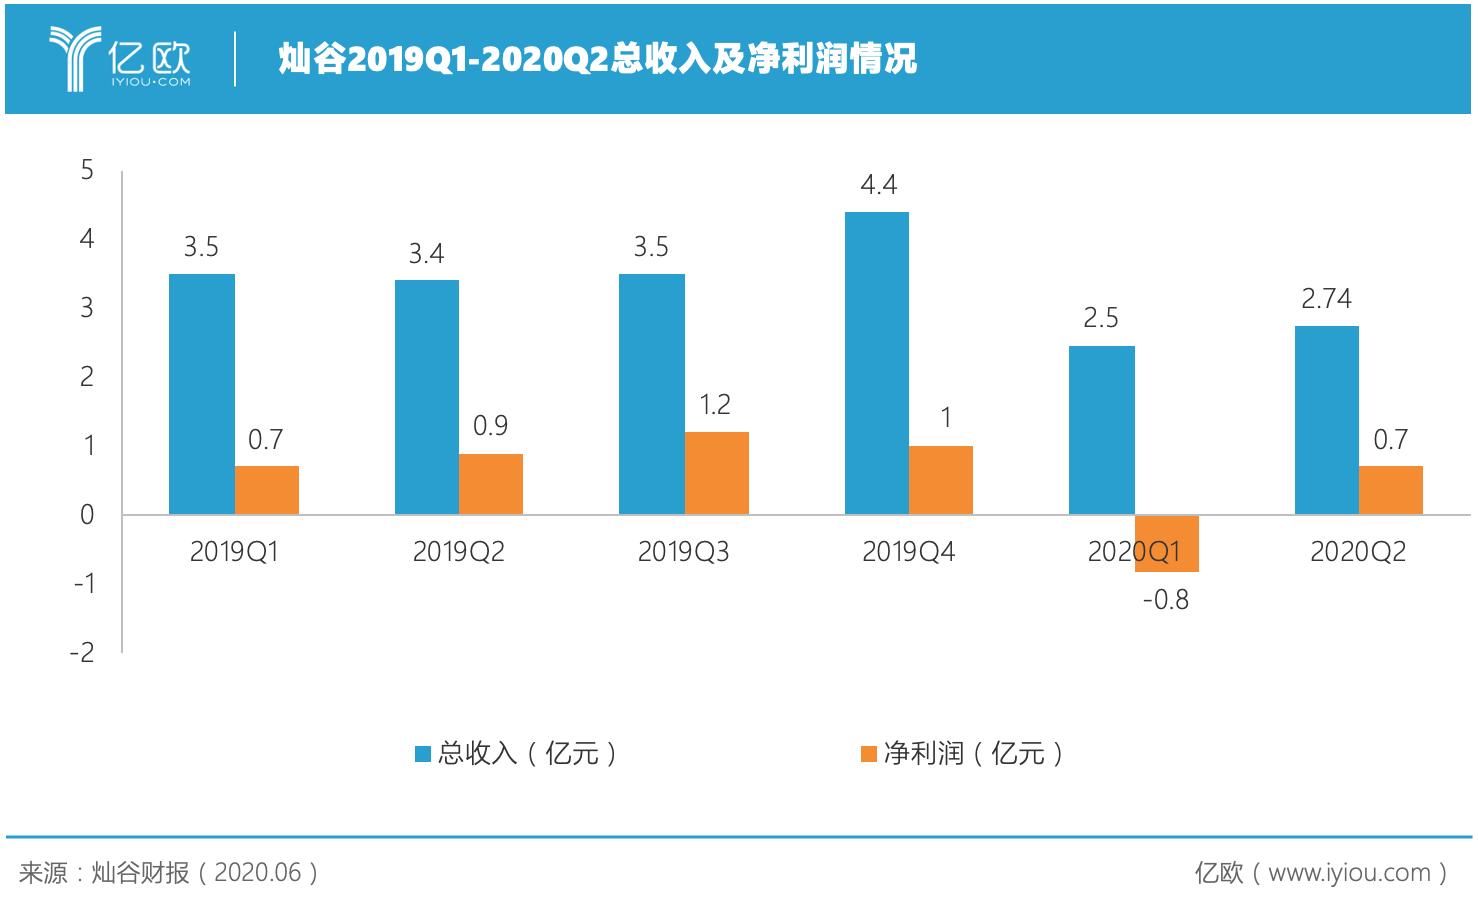 灿谷2019Q1-2020Q2收入及净利润.png